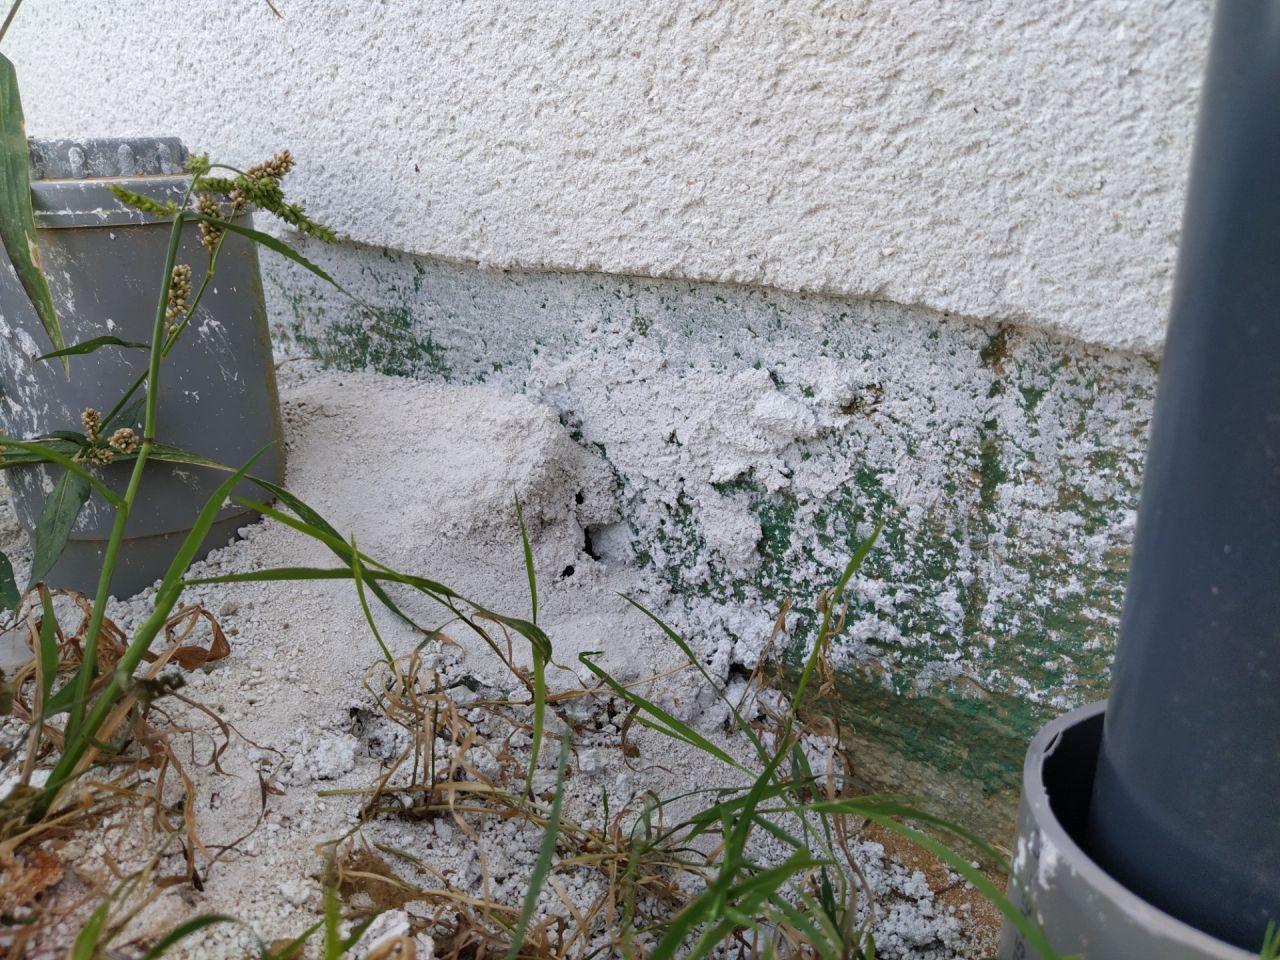 Un peu de gris, un peu de blanc, un peu de vert sur les soubassements. Le CDT ne semble pas préoccupé par la propreté du chantier